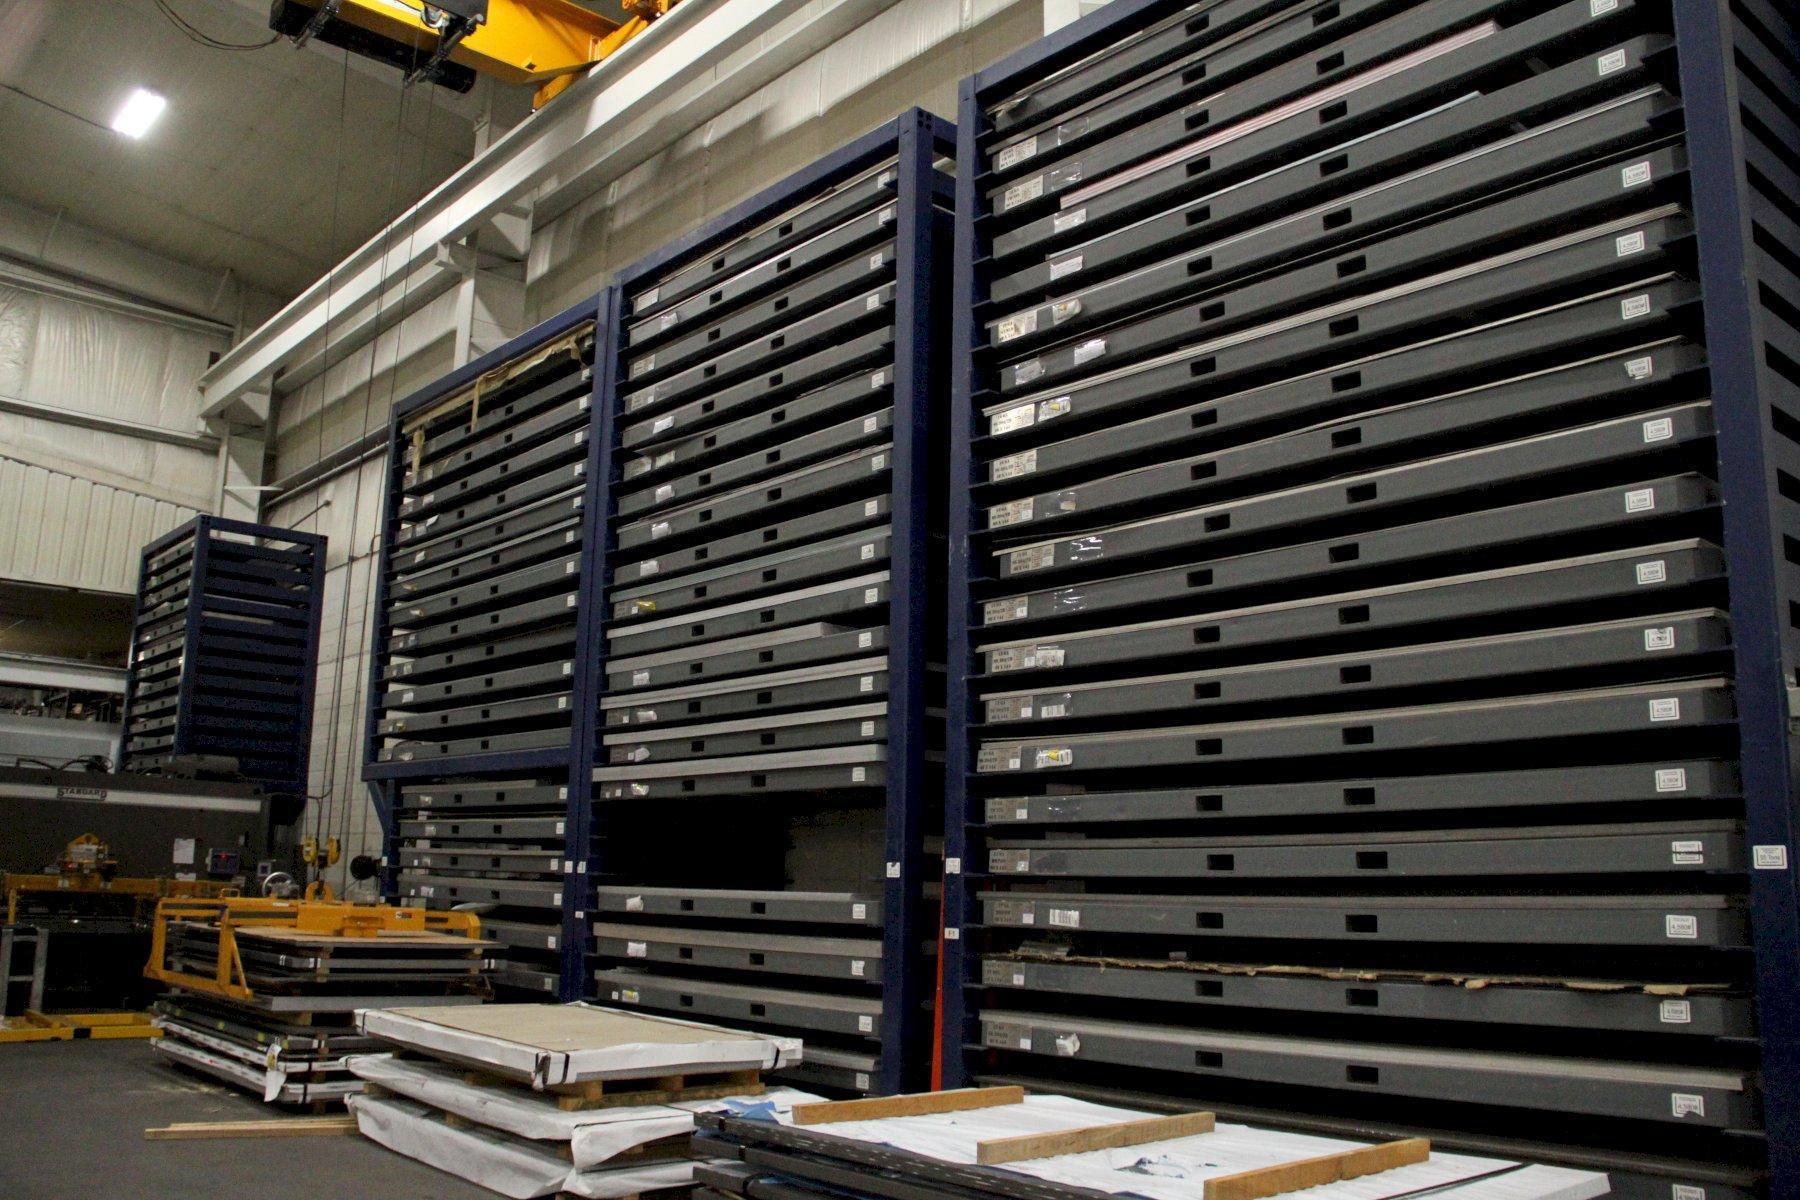 2017 SturdyBuilt Multiple Size Storage Shelving Units